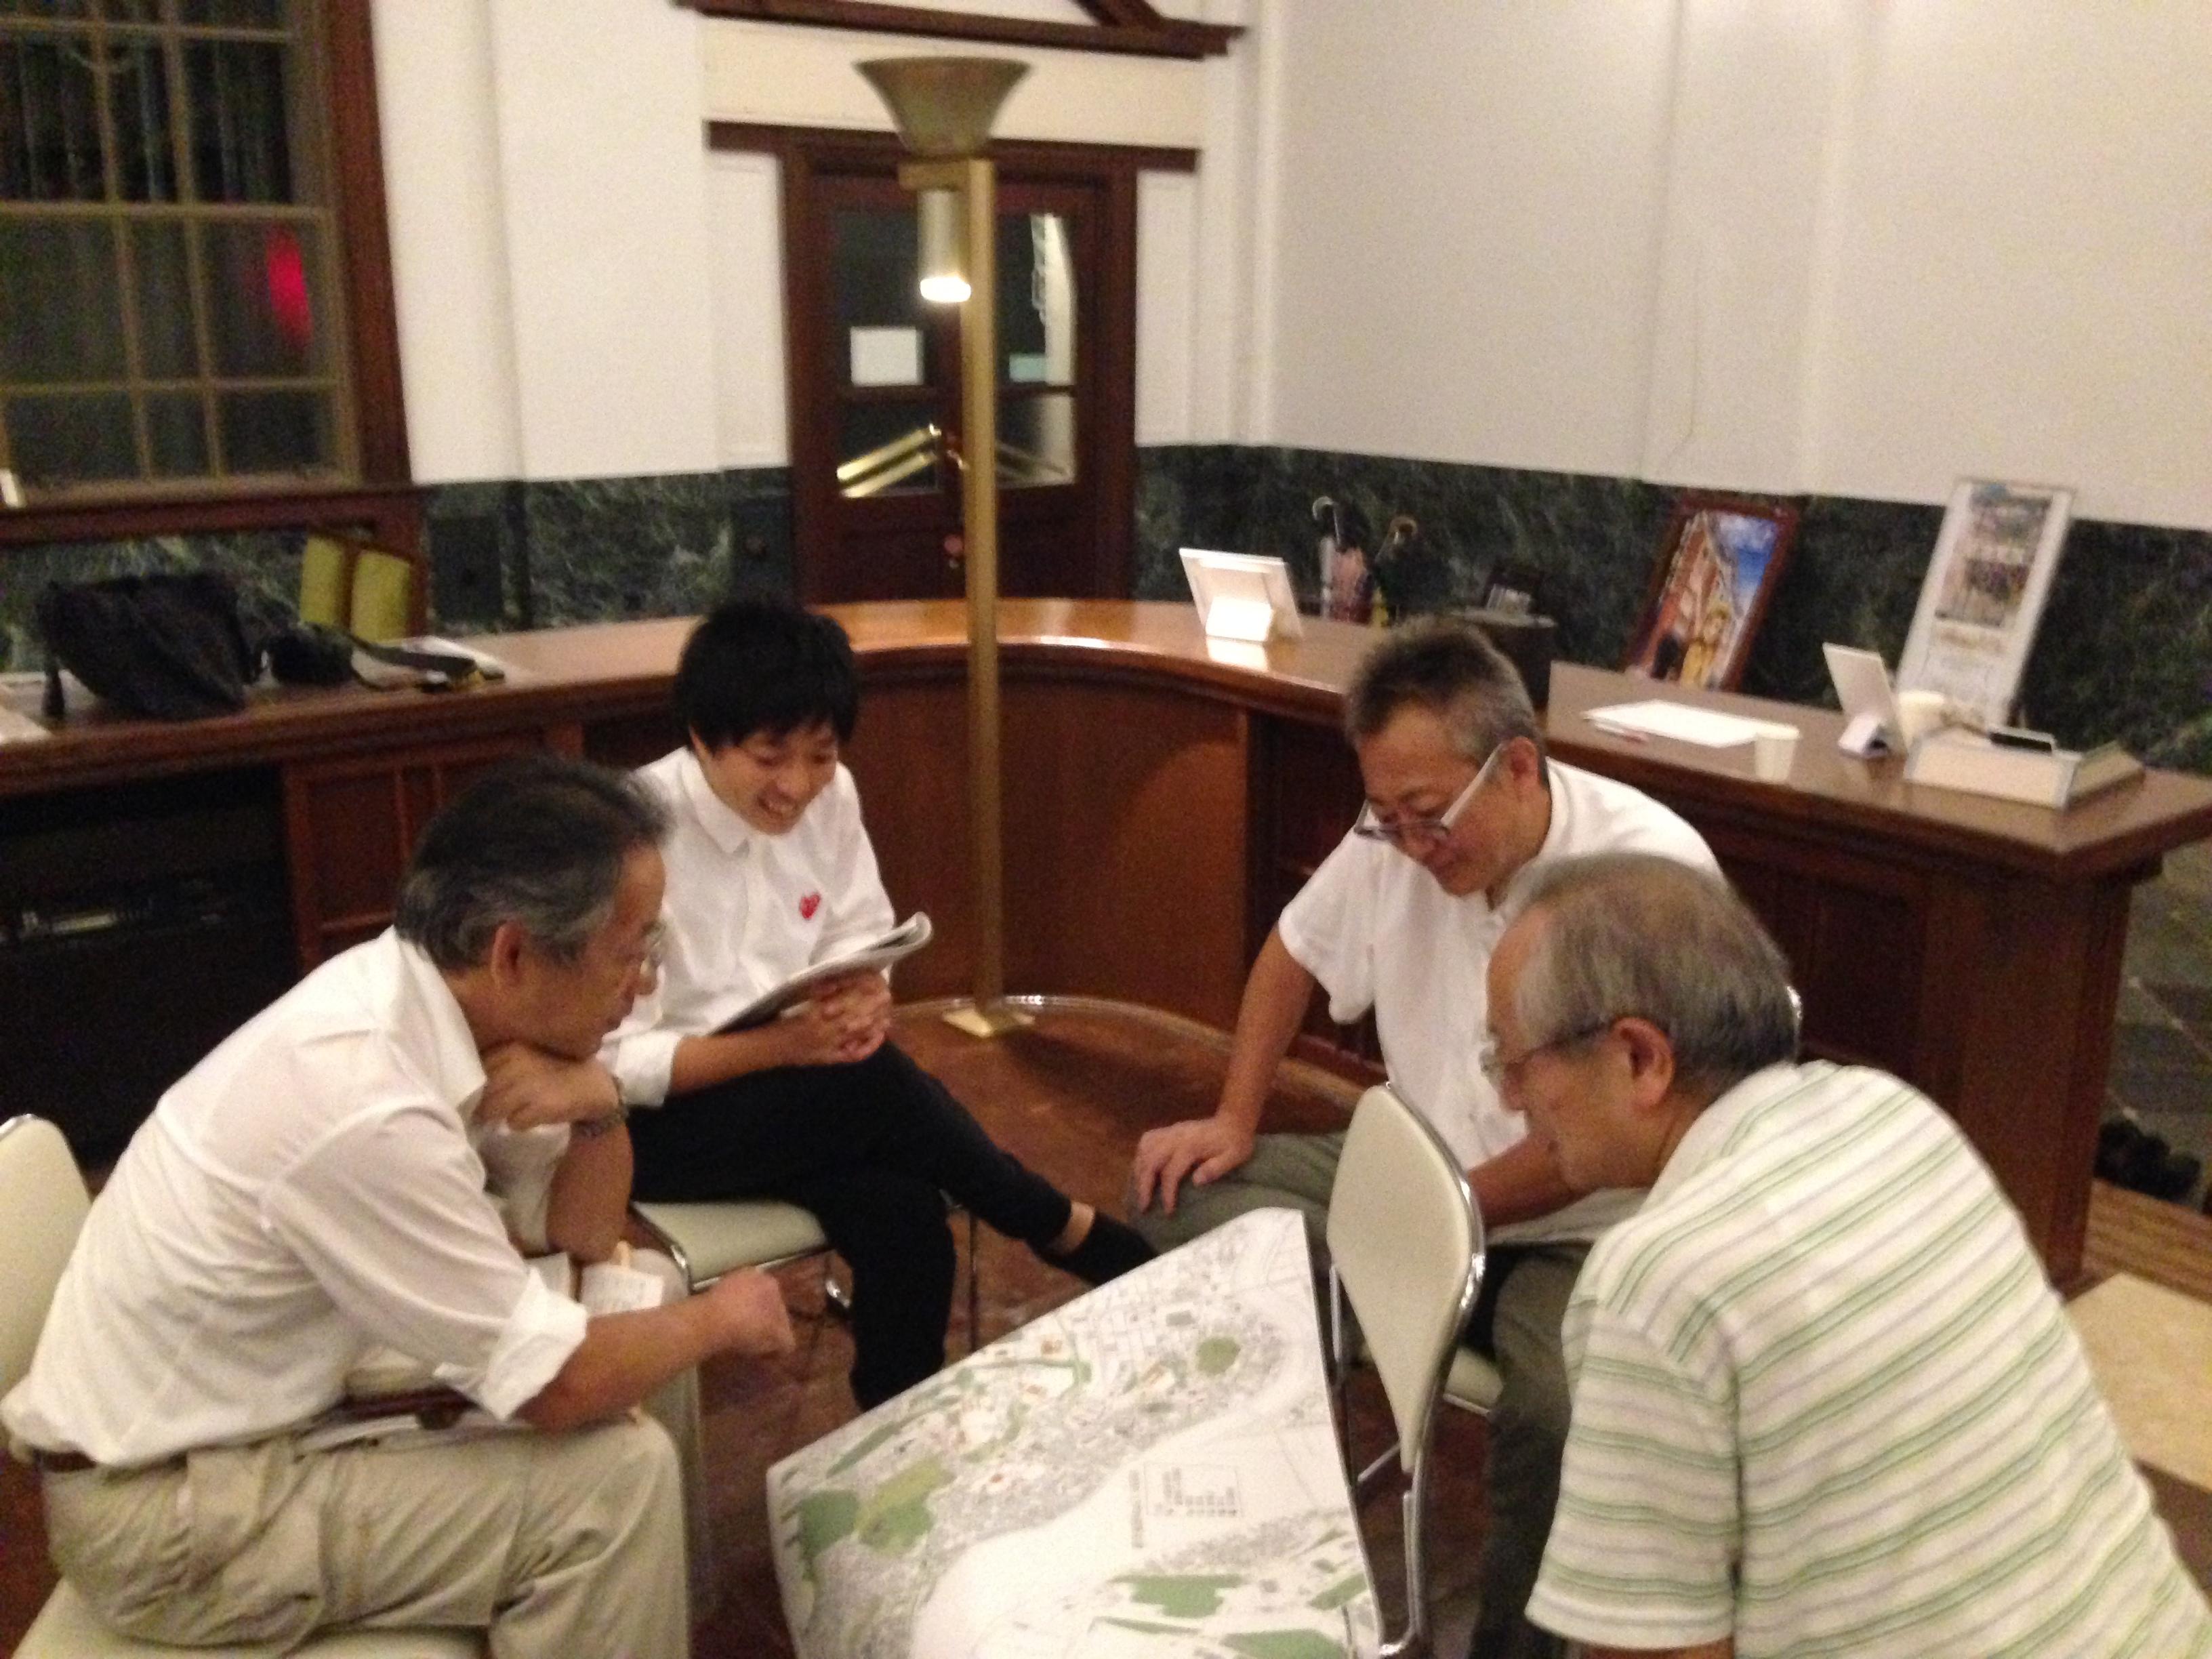 http://ud.t.u-tokyo.ac.jp/blog/_images/2014-09-16%2021.40.21.jpg